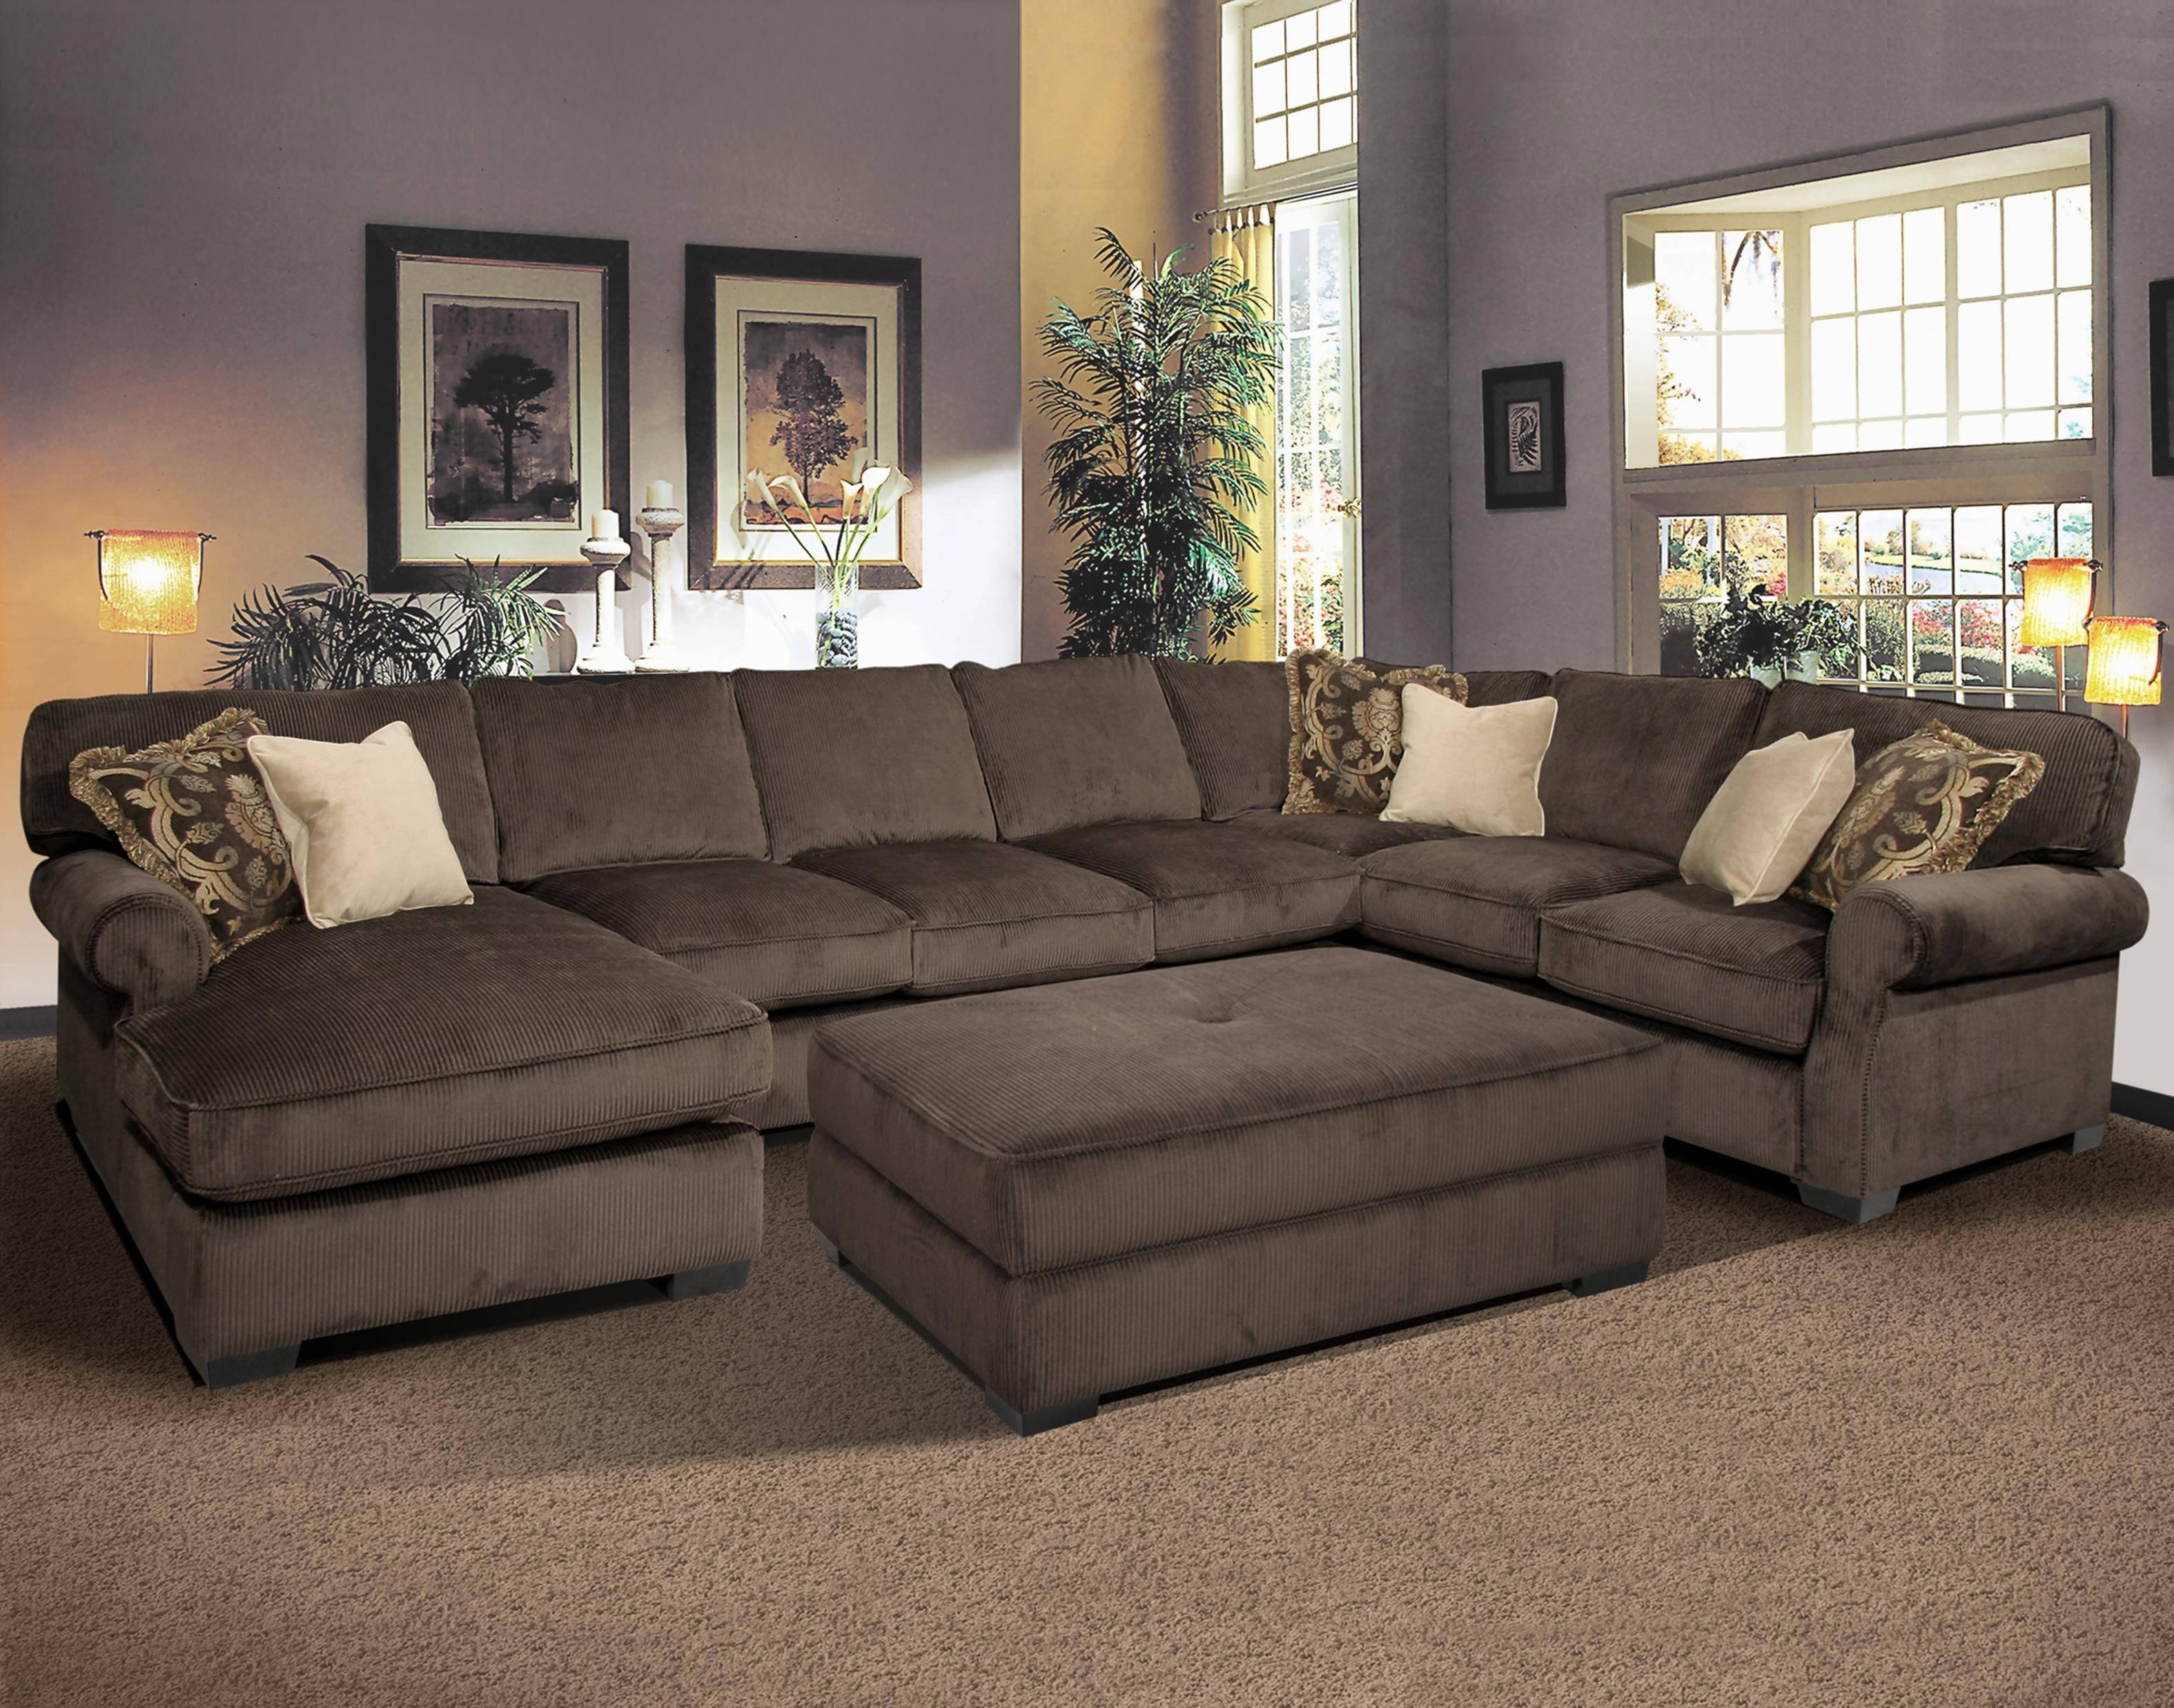 sofa austin tx mia cene namestaja 10 top sectional sofas at ideas